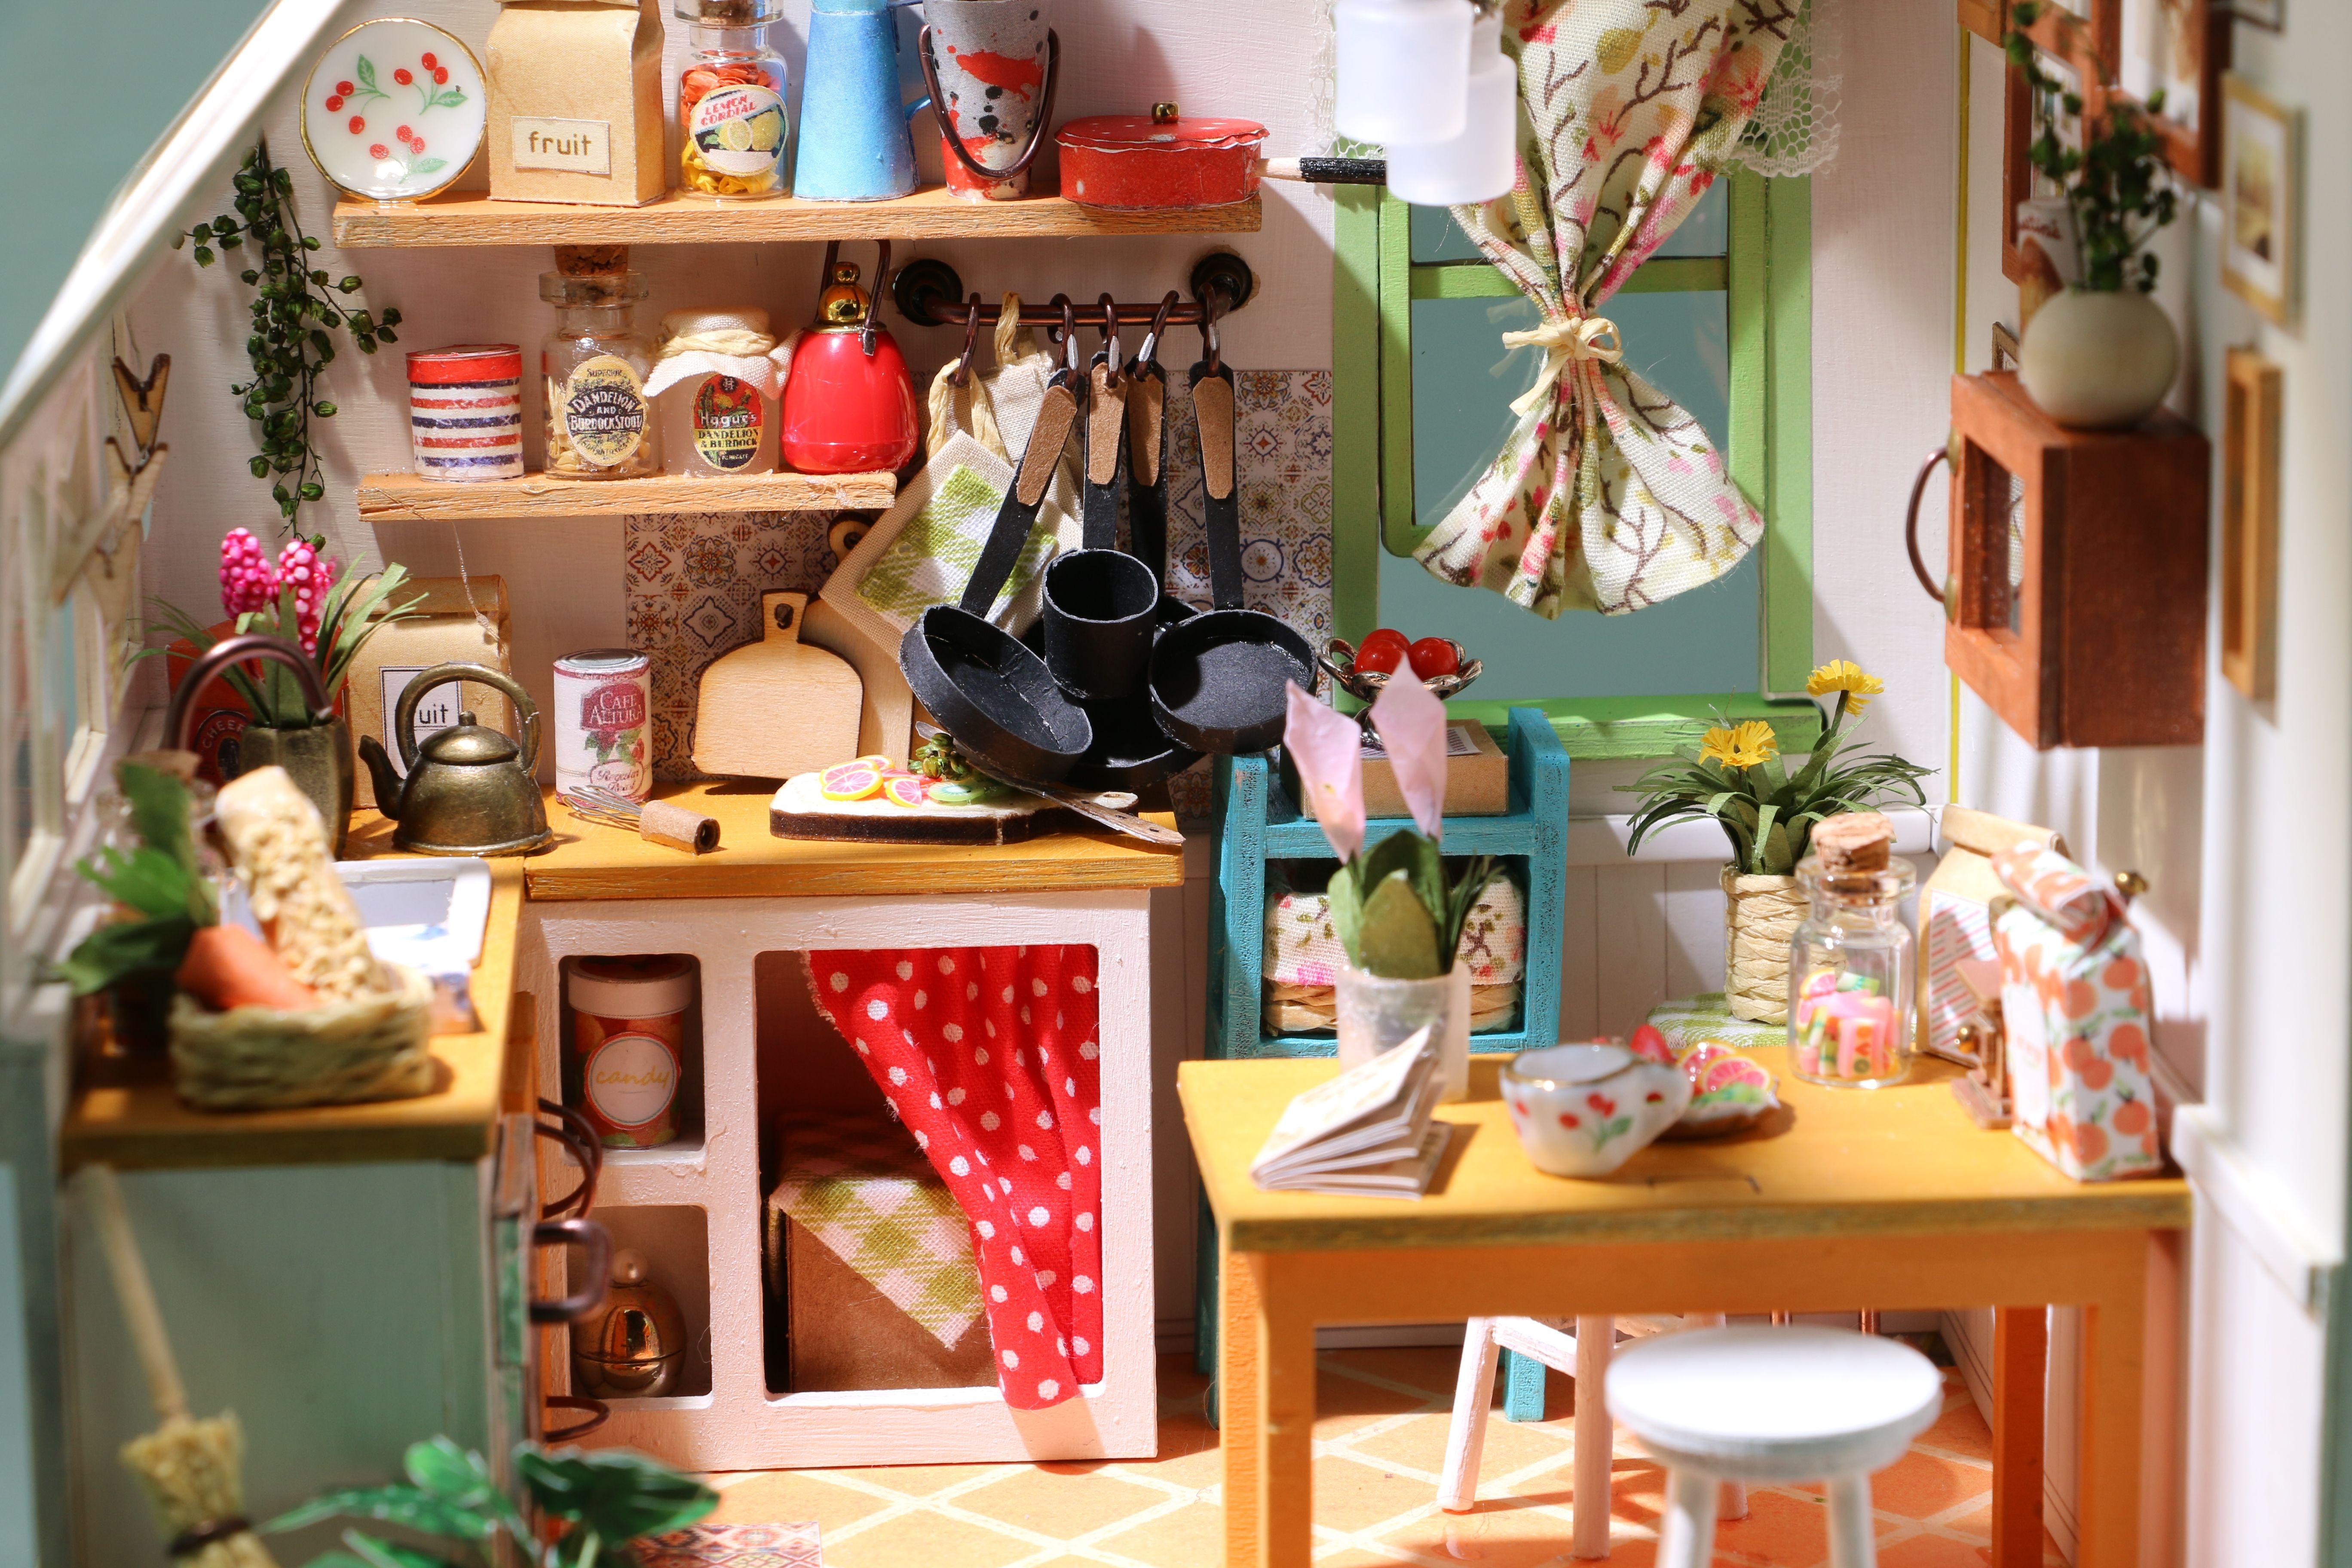 Jason's Kitchen DG105